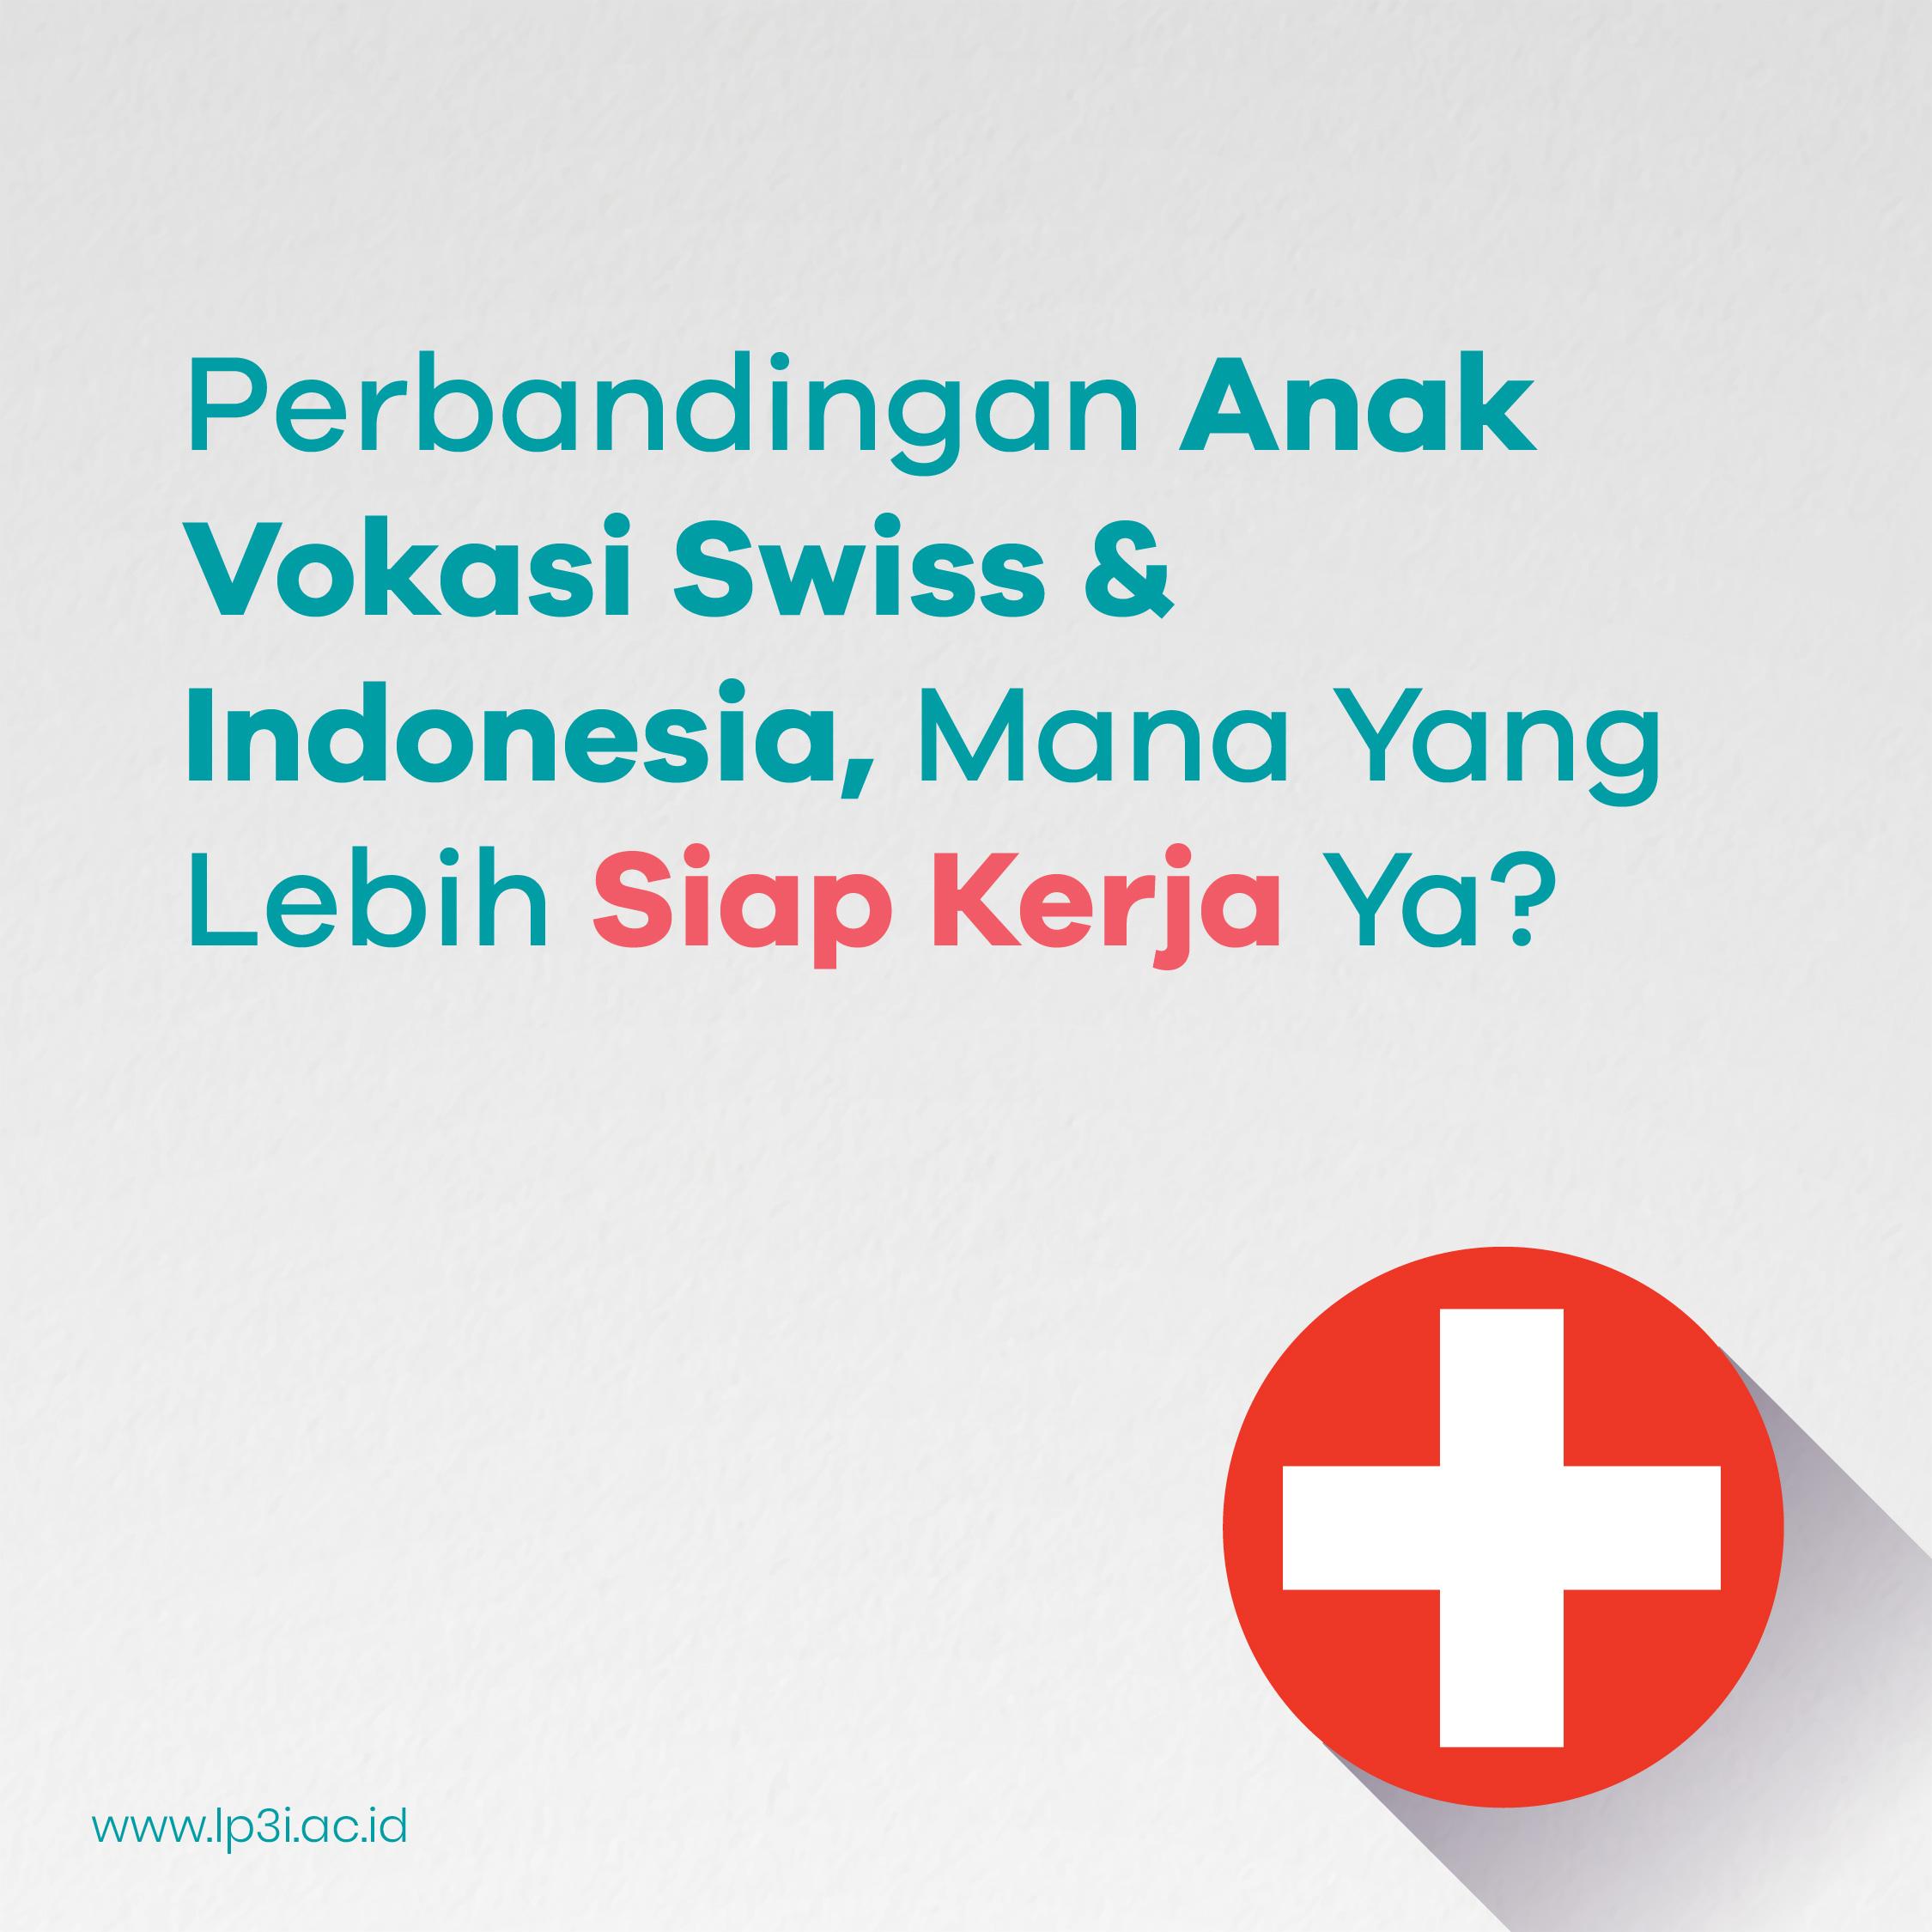 Perbandingan Anak Vokasi Swiss & Indonesia, Mana Yang Lebih Siap Kerja Ya?